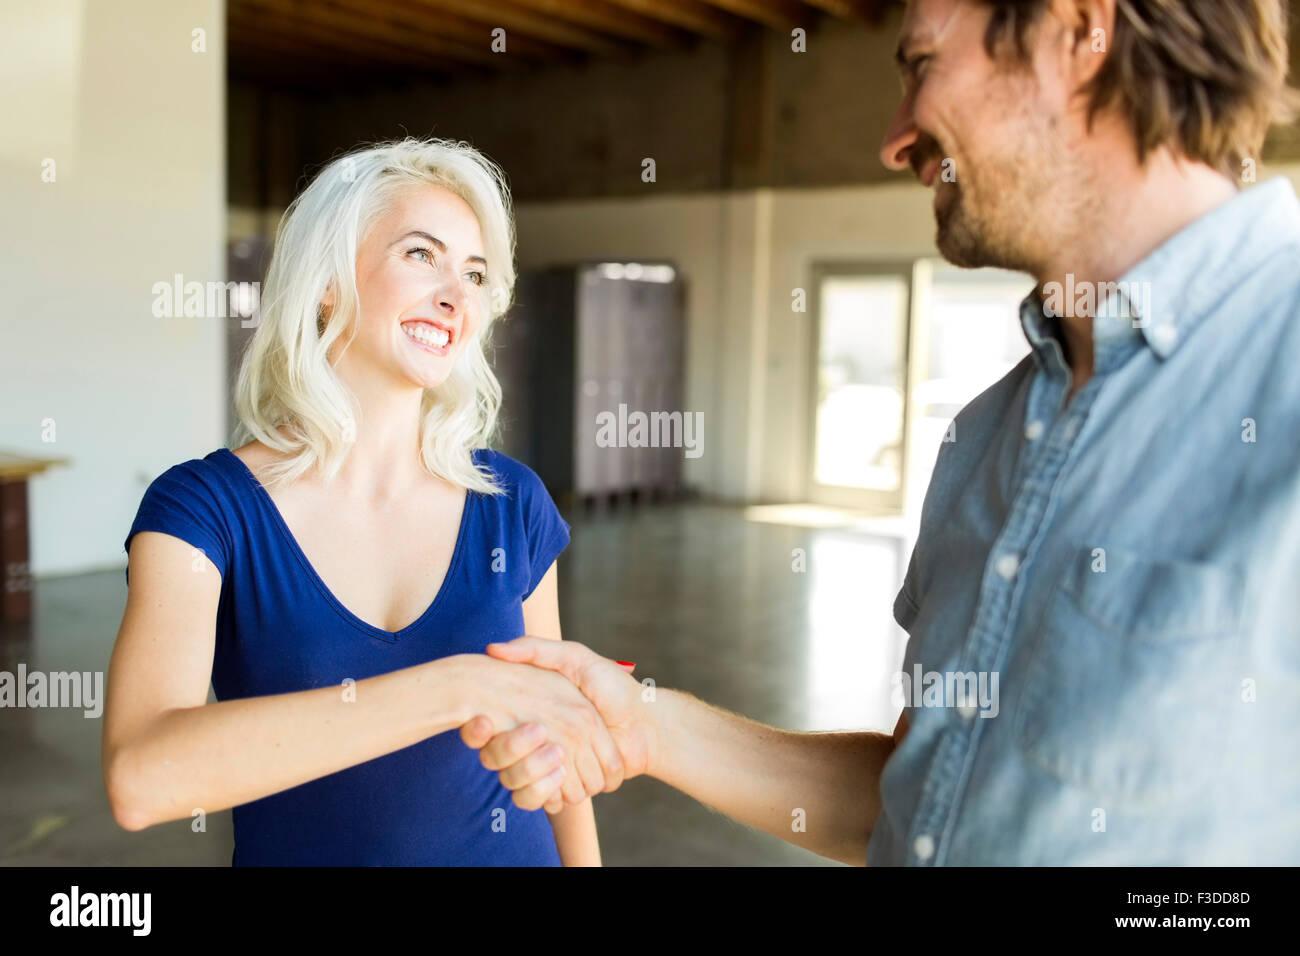 Saluto l'uomo con la donna Immagini Stock